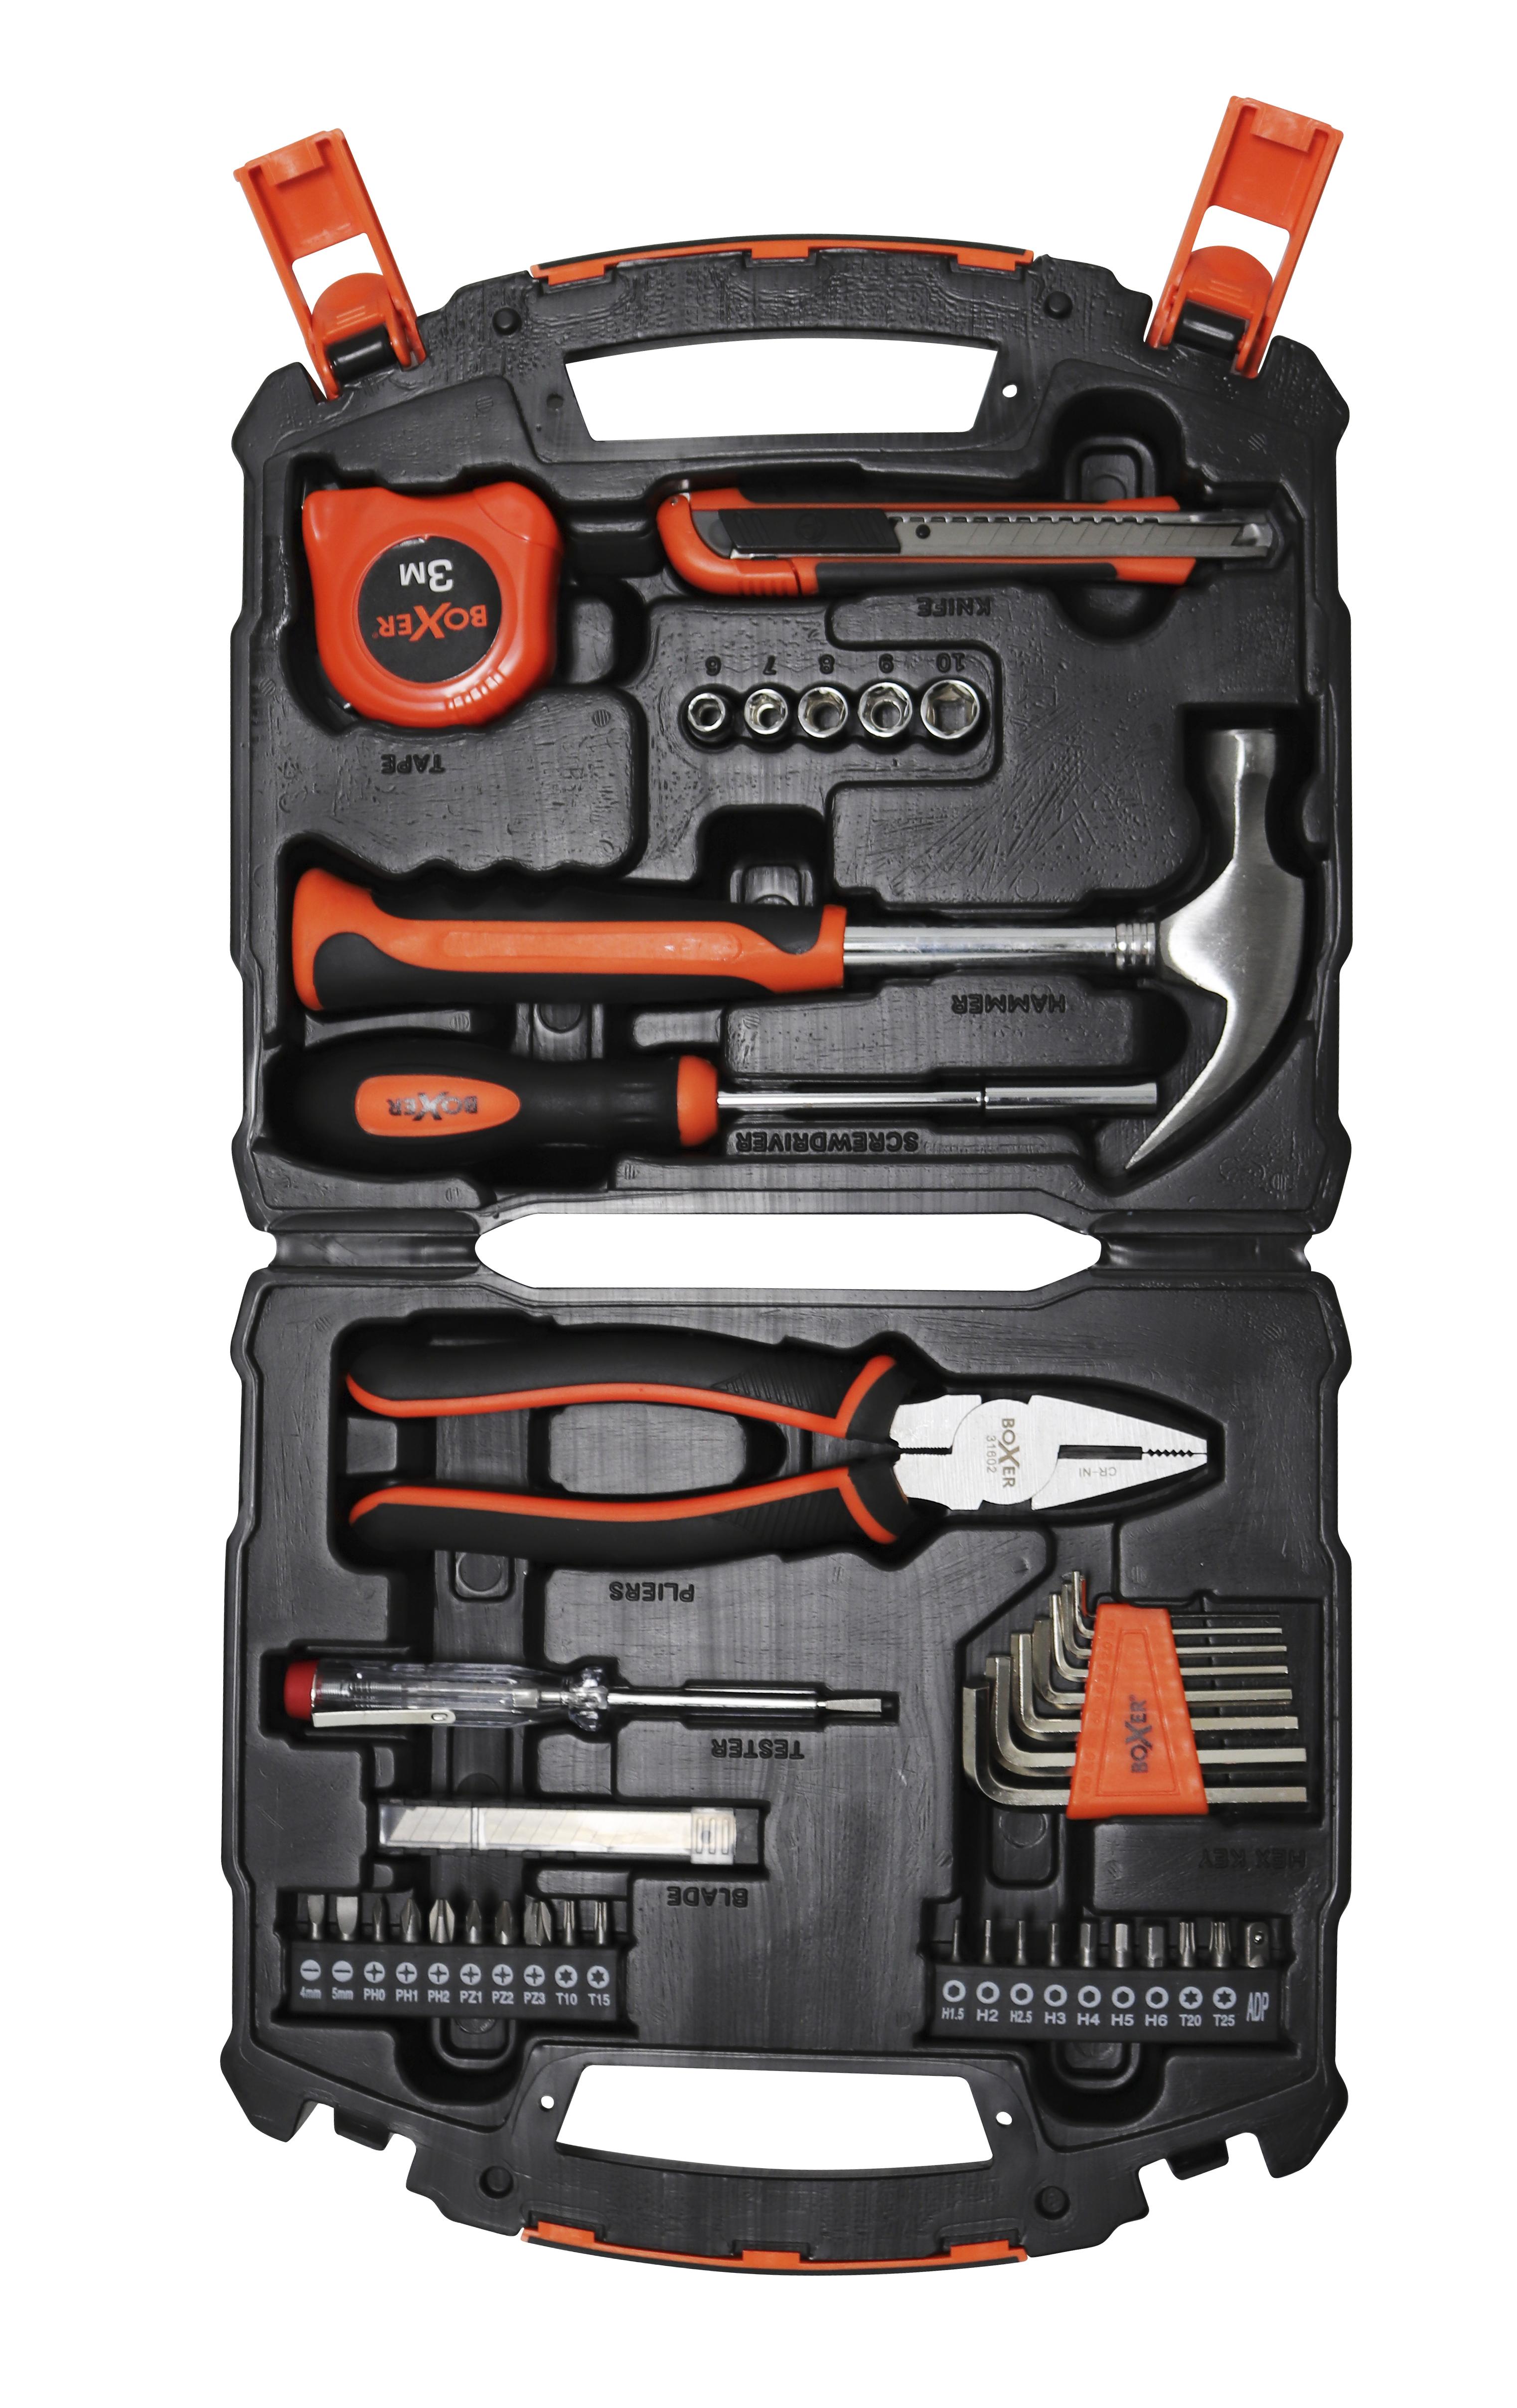 Værktøjssæt - 50 dele STARTER kit